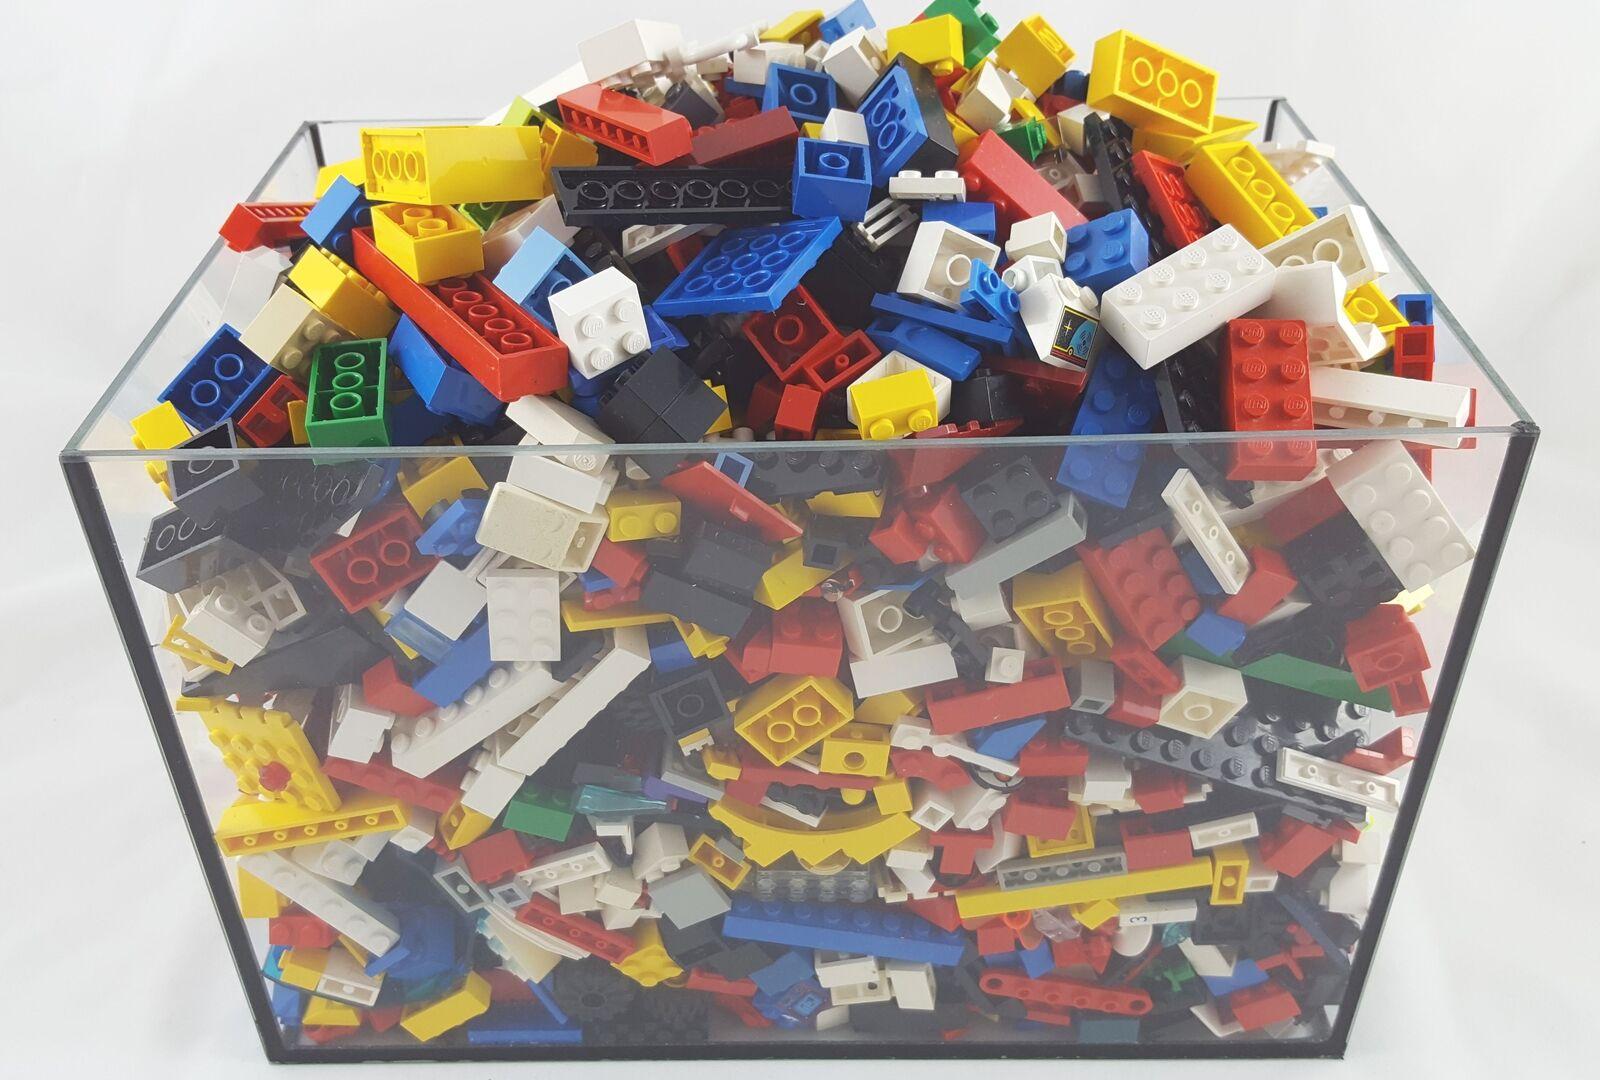 4 KG LEGO briques plaques roues Basic avec quatre personnages liasse kiloware